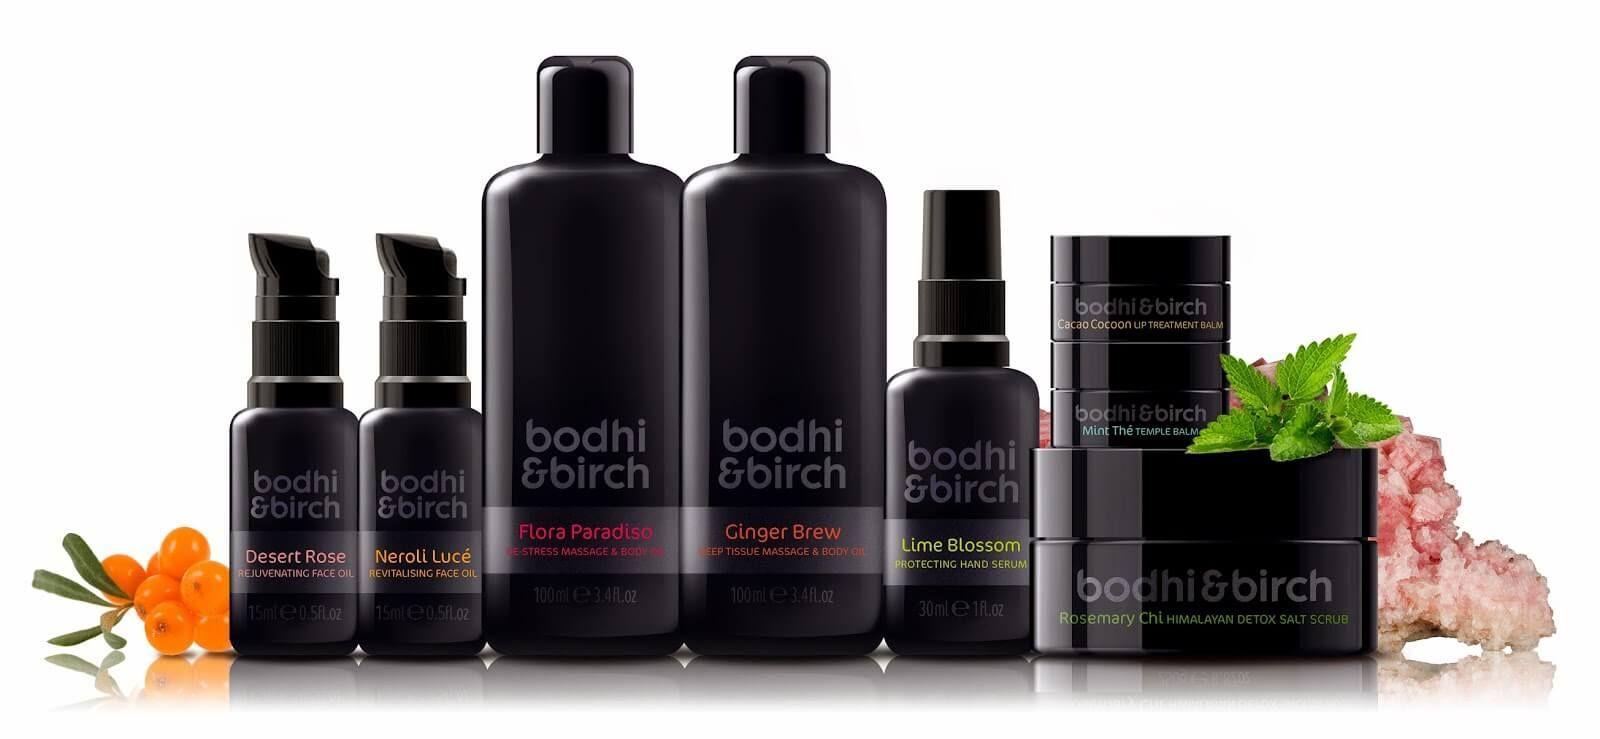 bodhi_birchArtisan Series